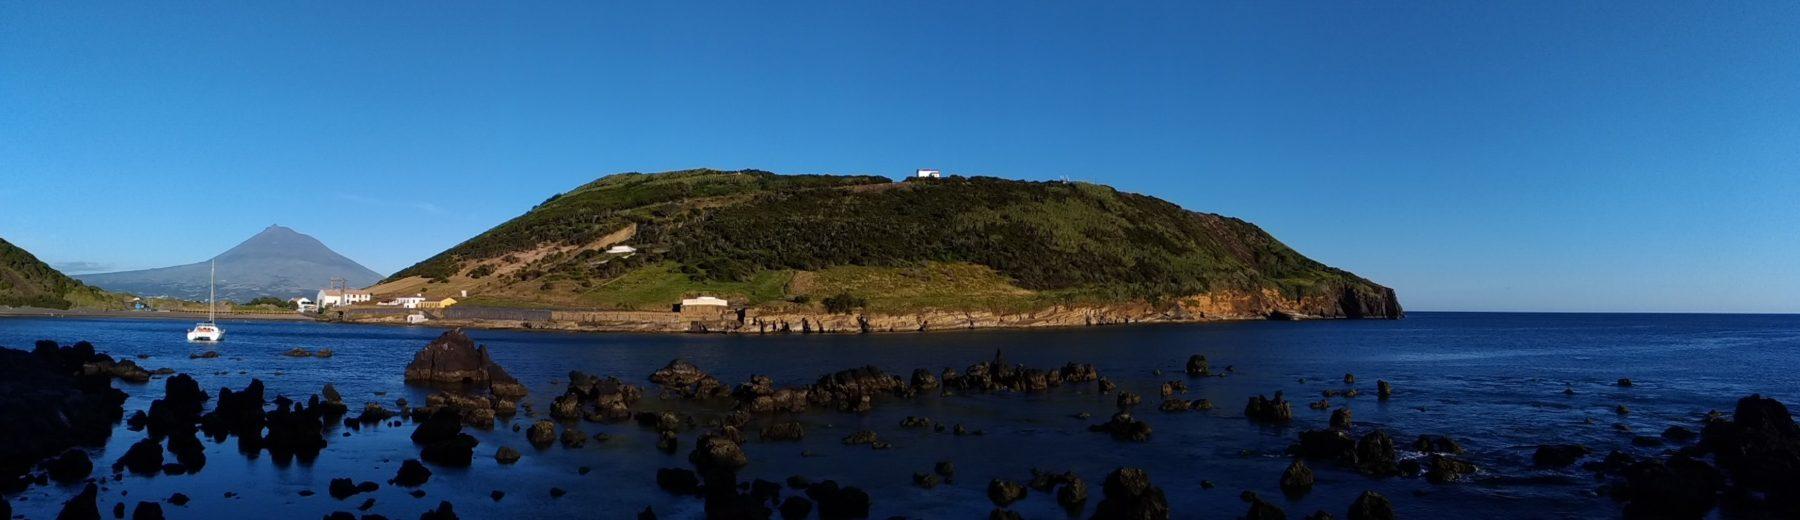 Monte da Guia